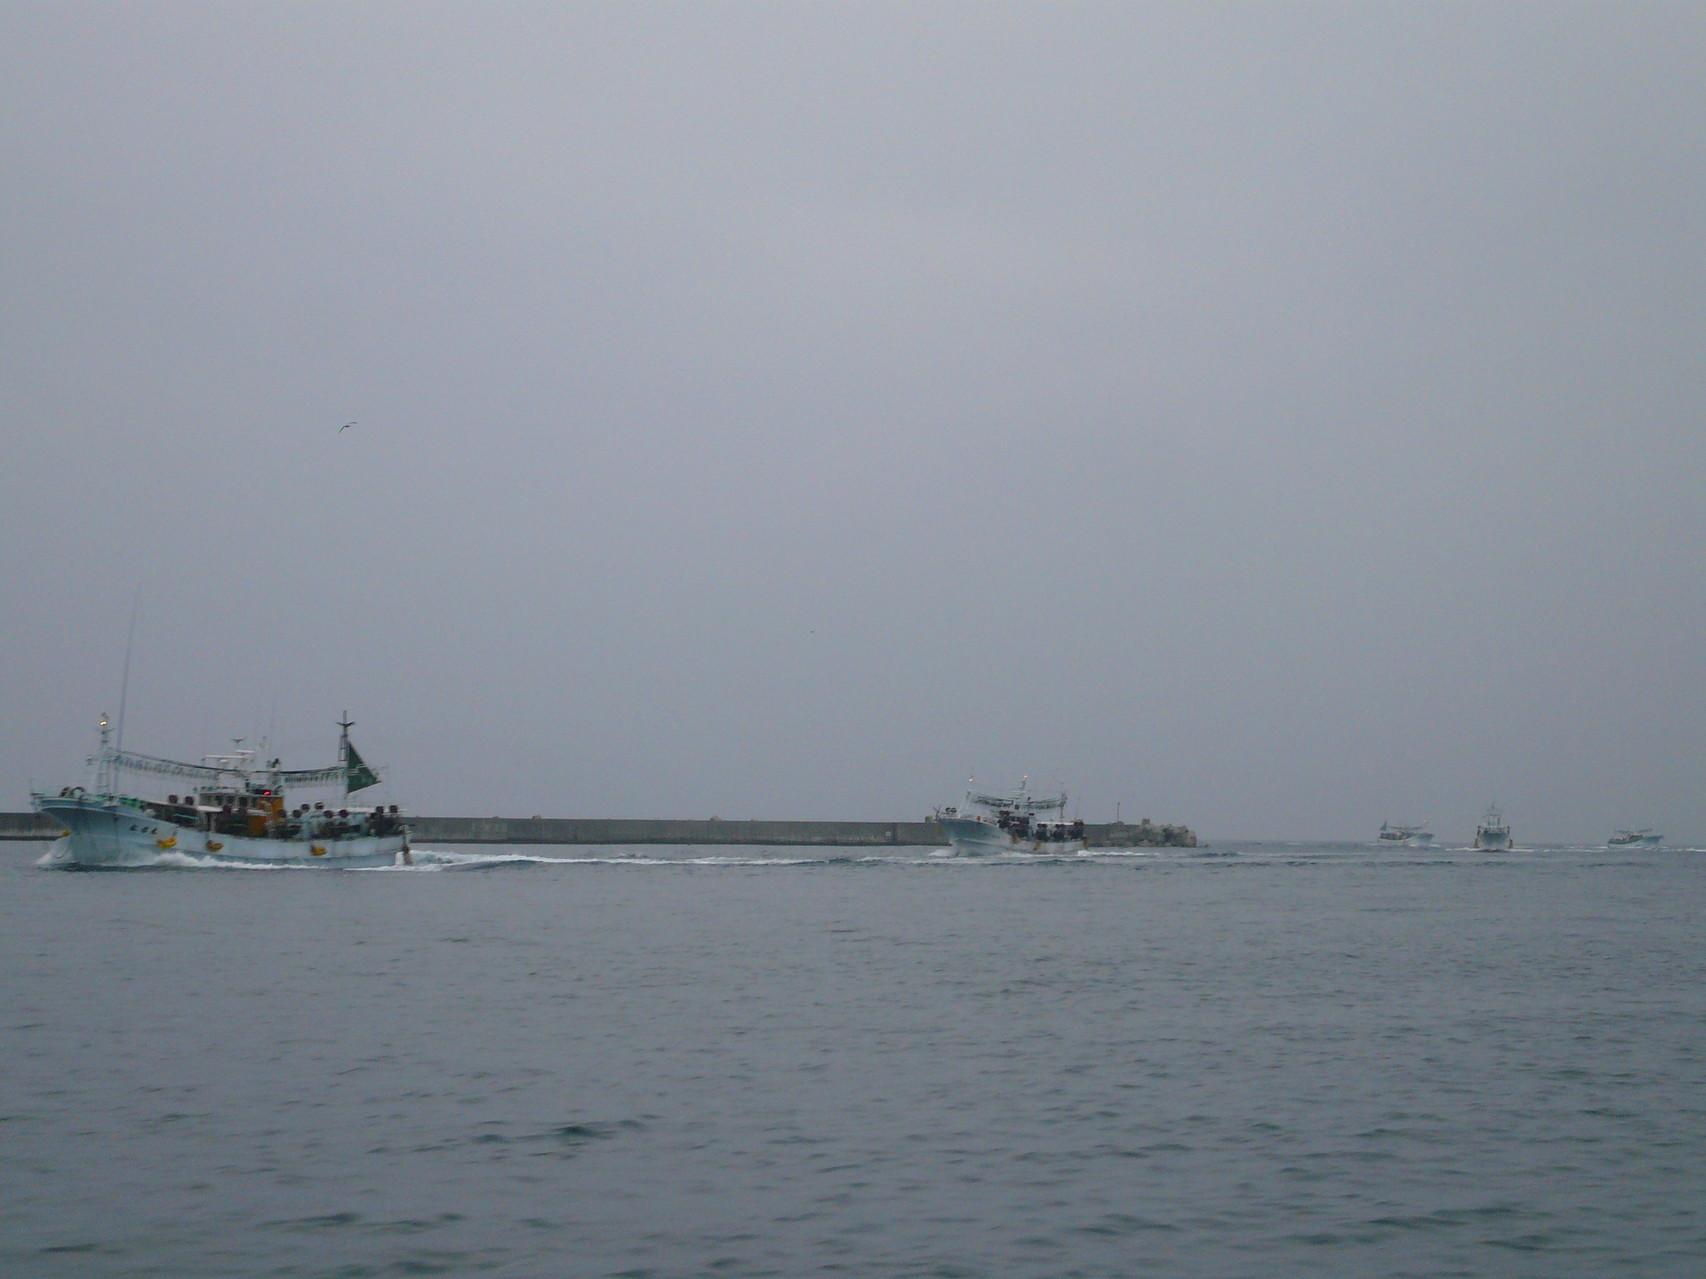 6月7日 イカ釣り船帰港中 10隻以上イカが釣れ出したんです。